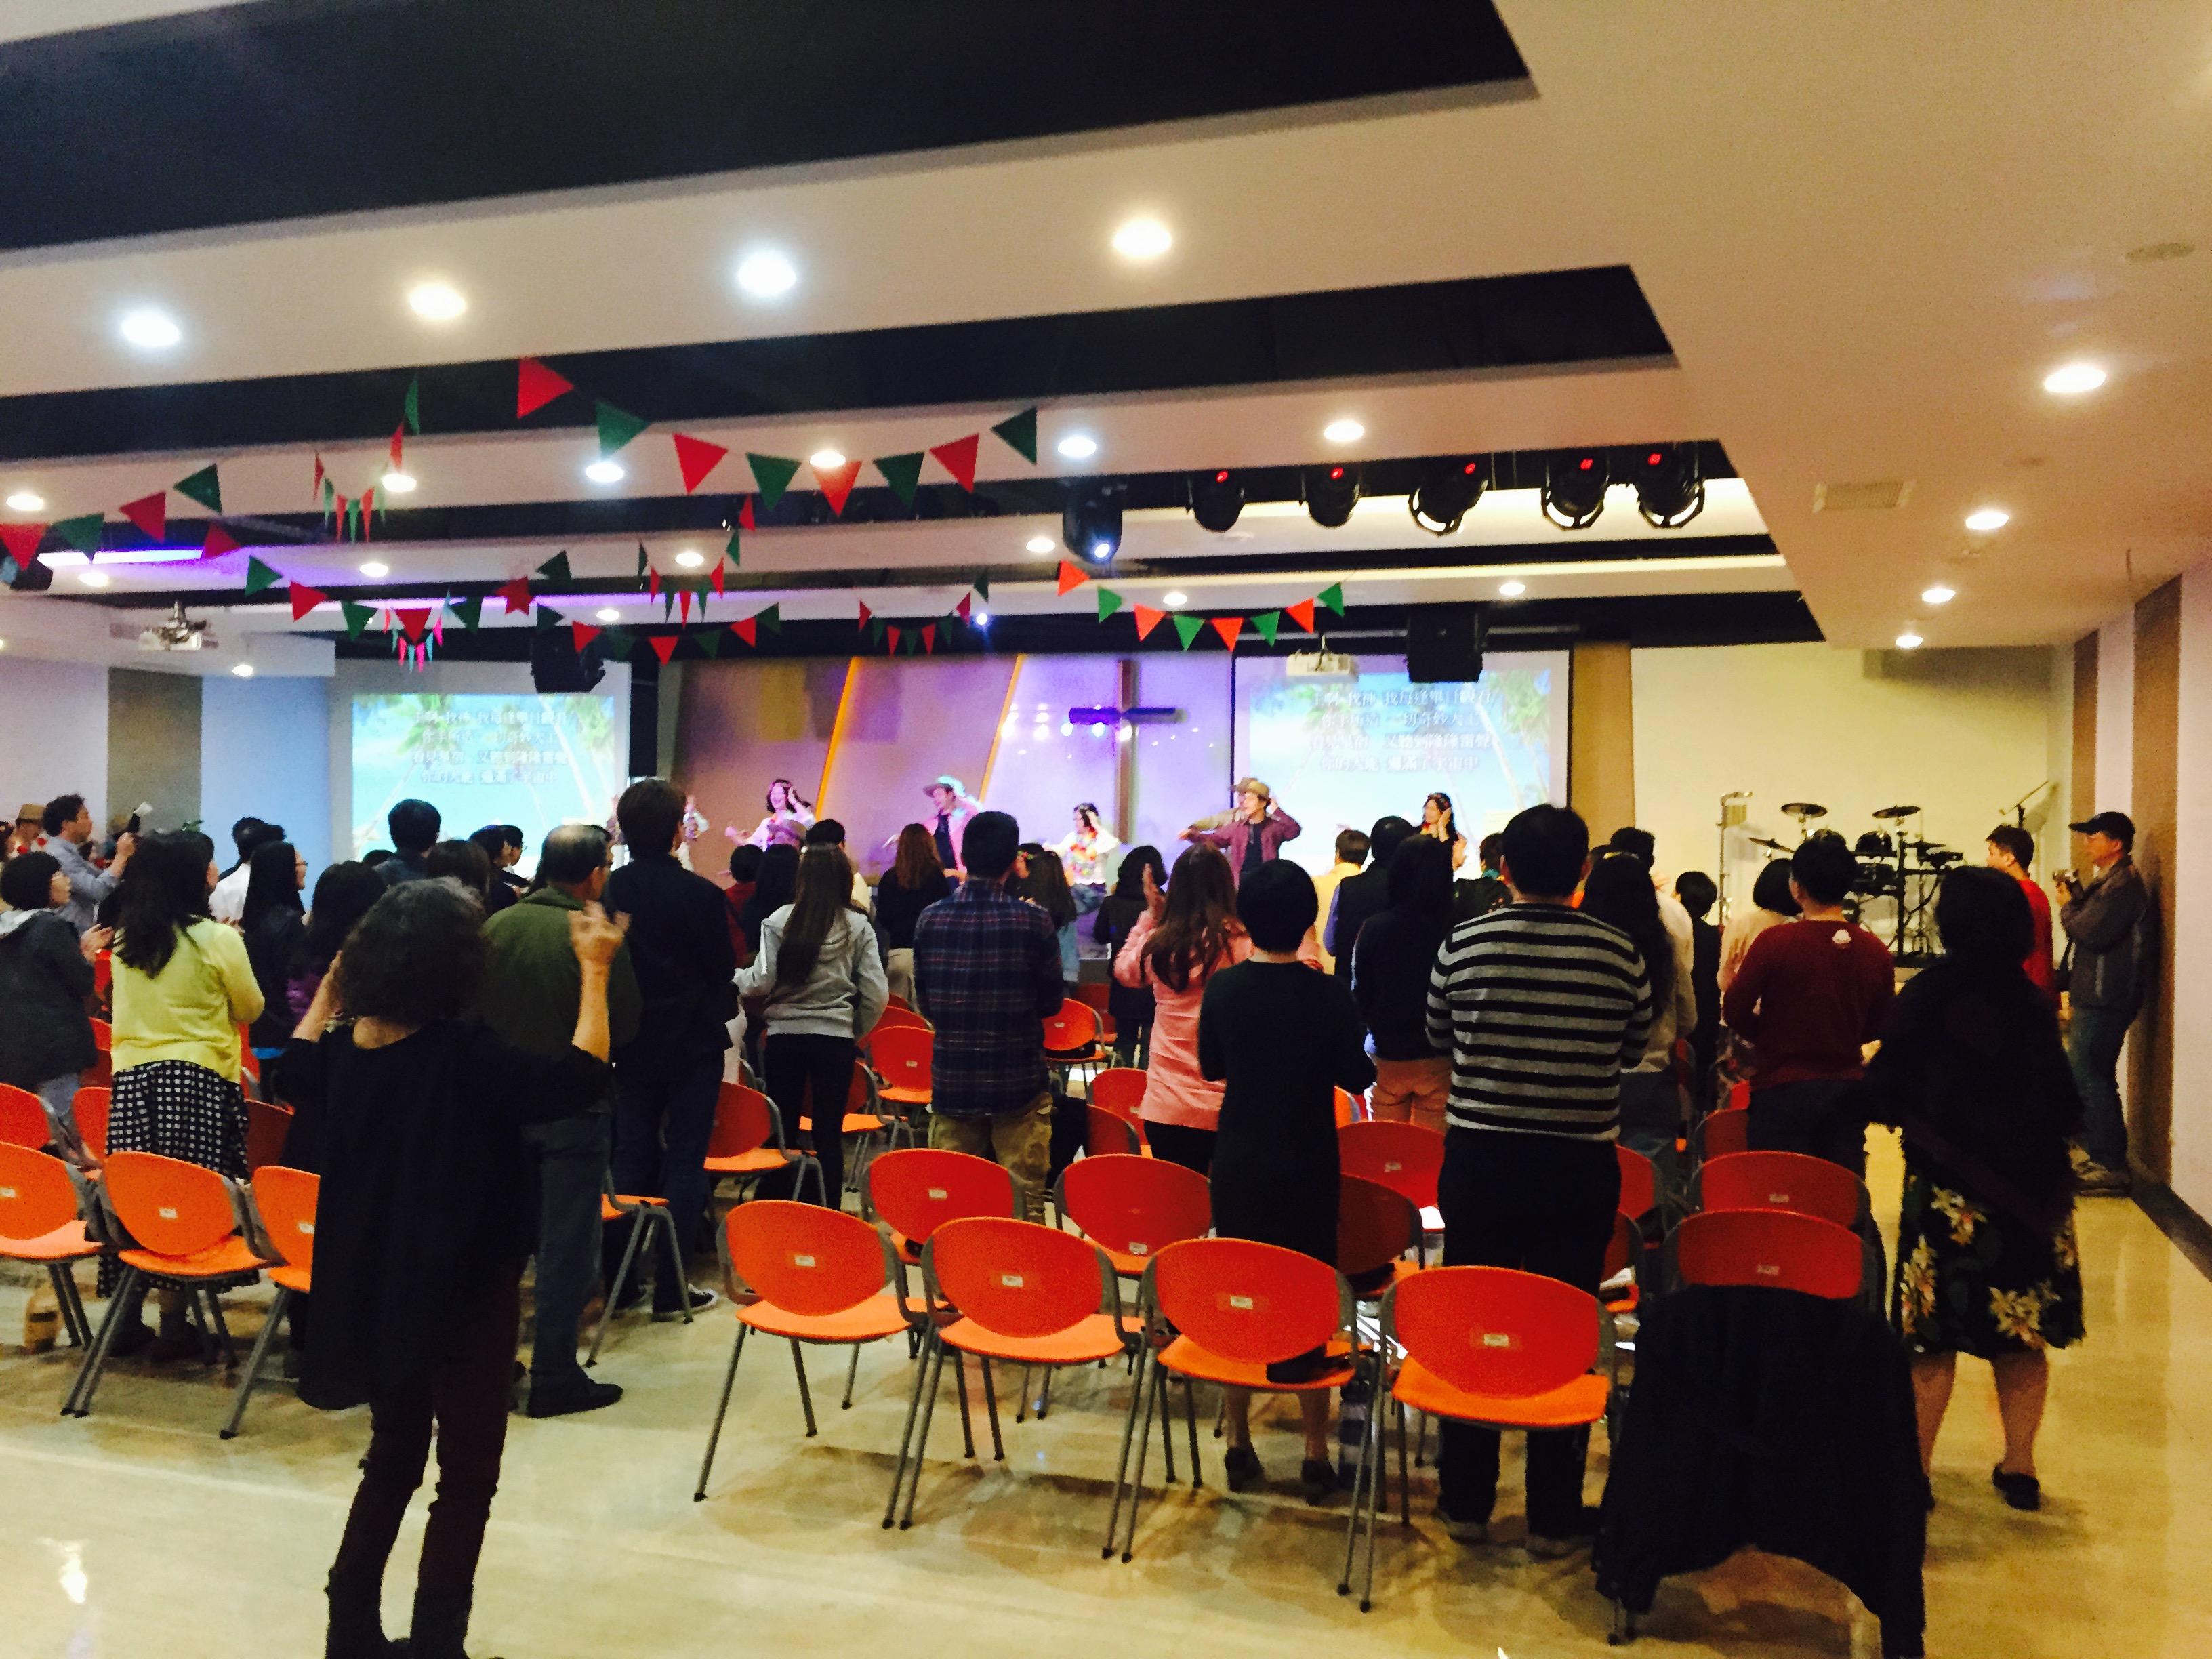 台灣真愛家庭協會4日於喜樂城靈糧堂完成授證分享會,接著25日將於台中協同會授證典禮及說明會,希望有更多教會受益,建立屬於教會的家庭事奉團隊。